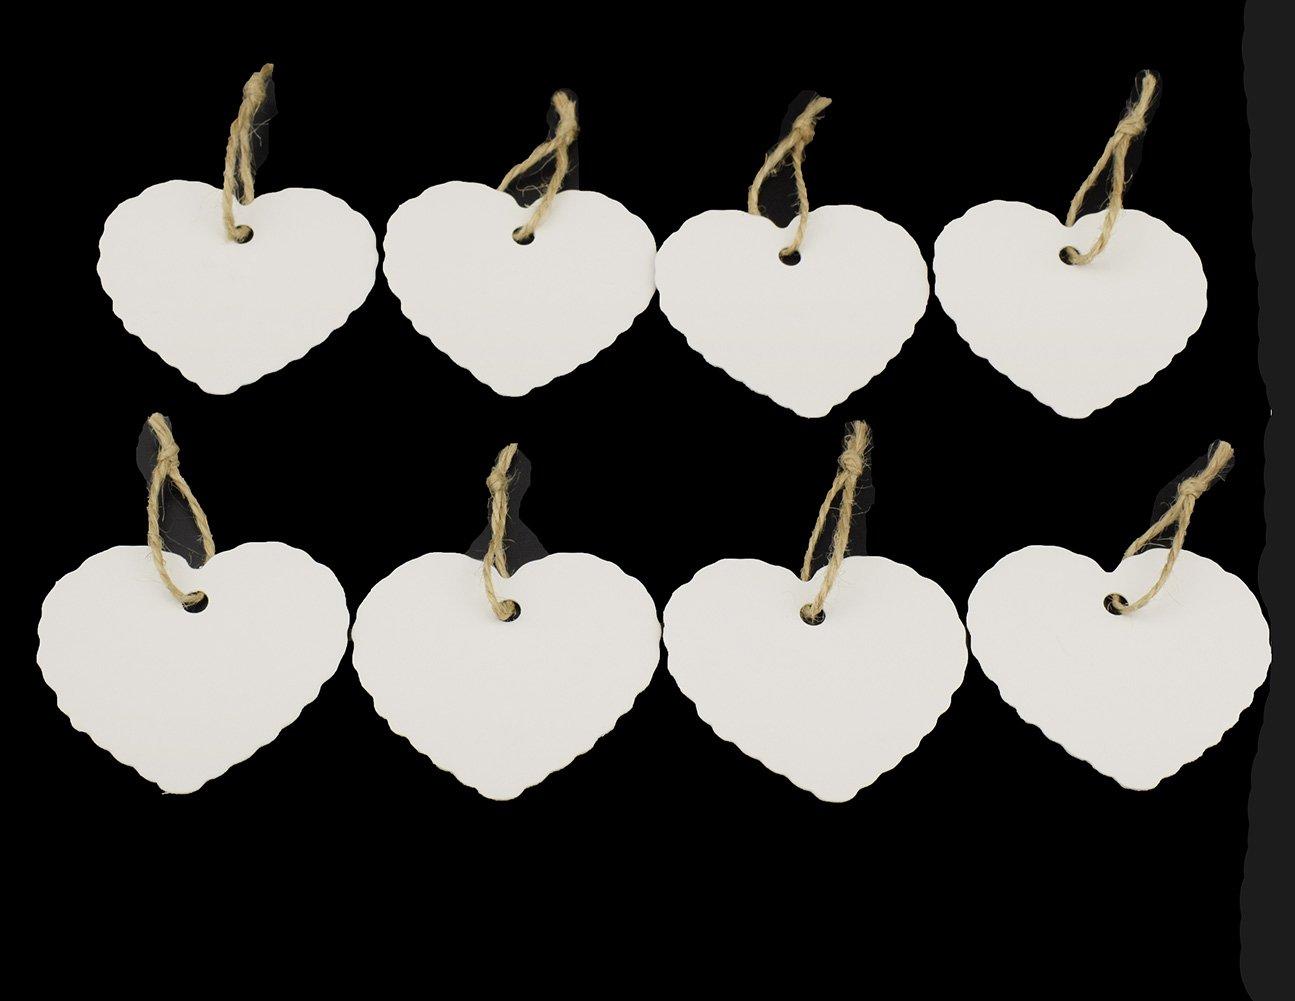 Tomkity 100 Pezzi Etichette di Carta Targhette per Regali Cartellini per Matrimonio a Forma di Cuore con Iuta Spago